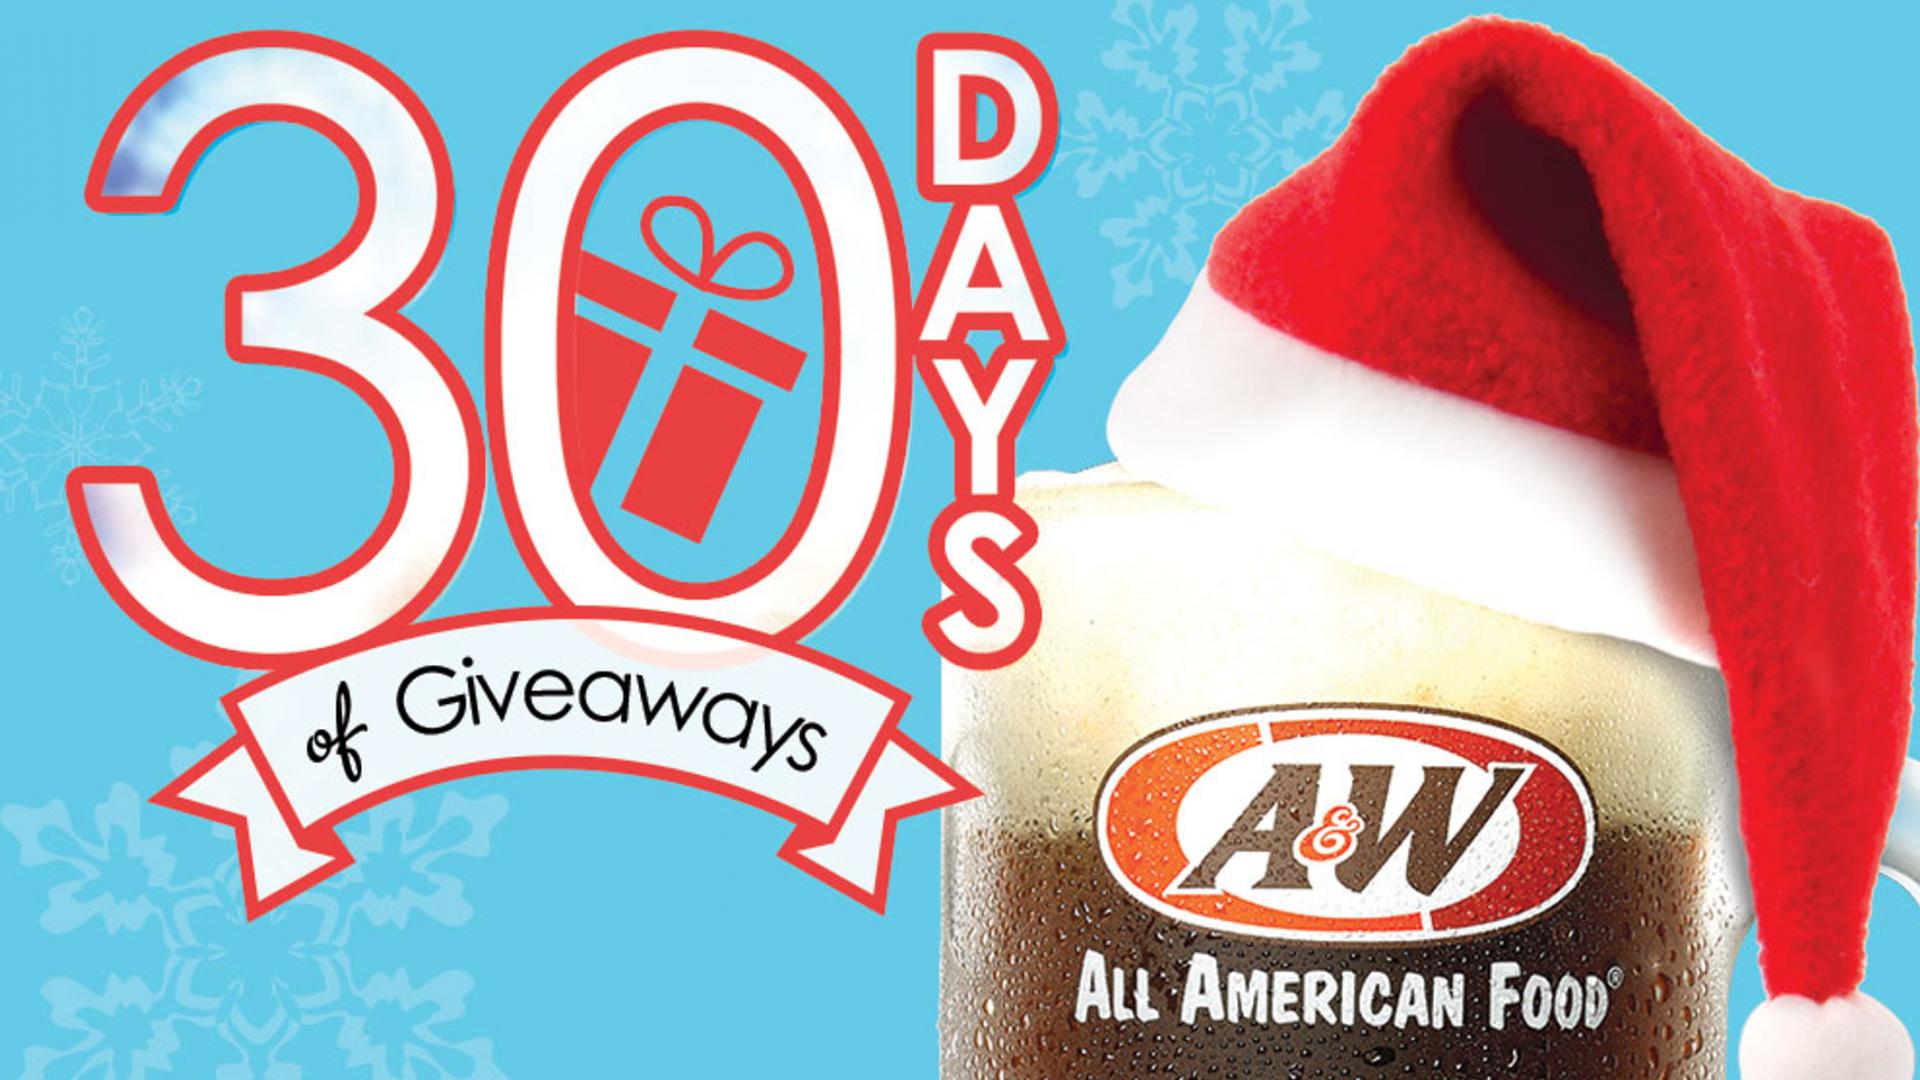 30 Days of Giveaways Root Beer Mug in Santa Hat